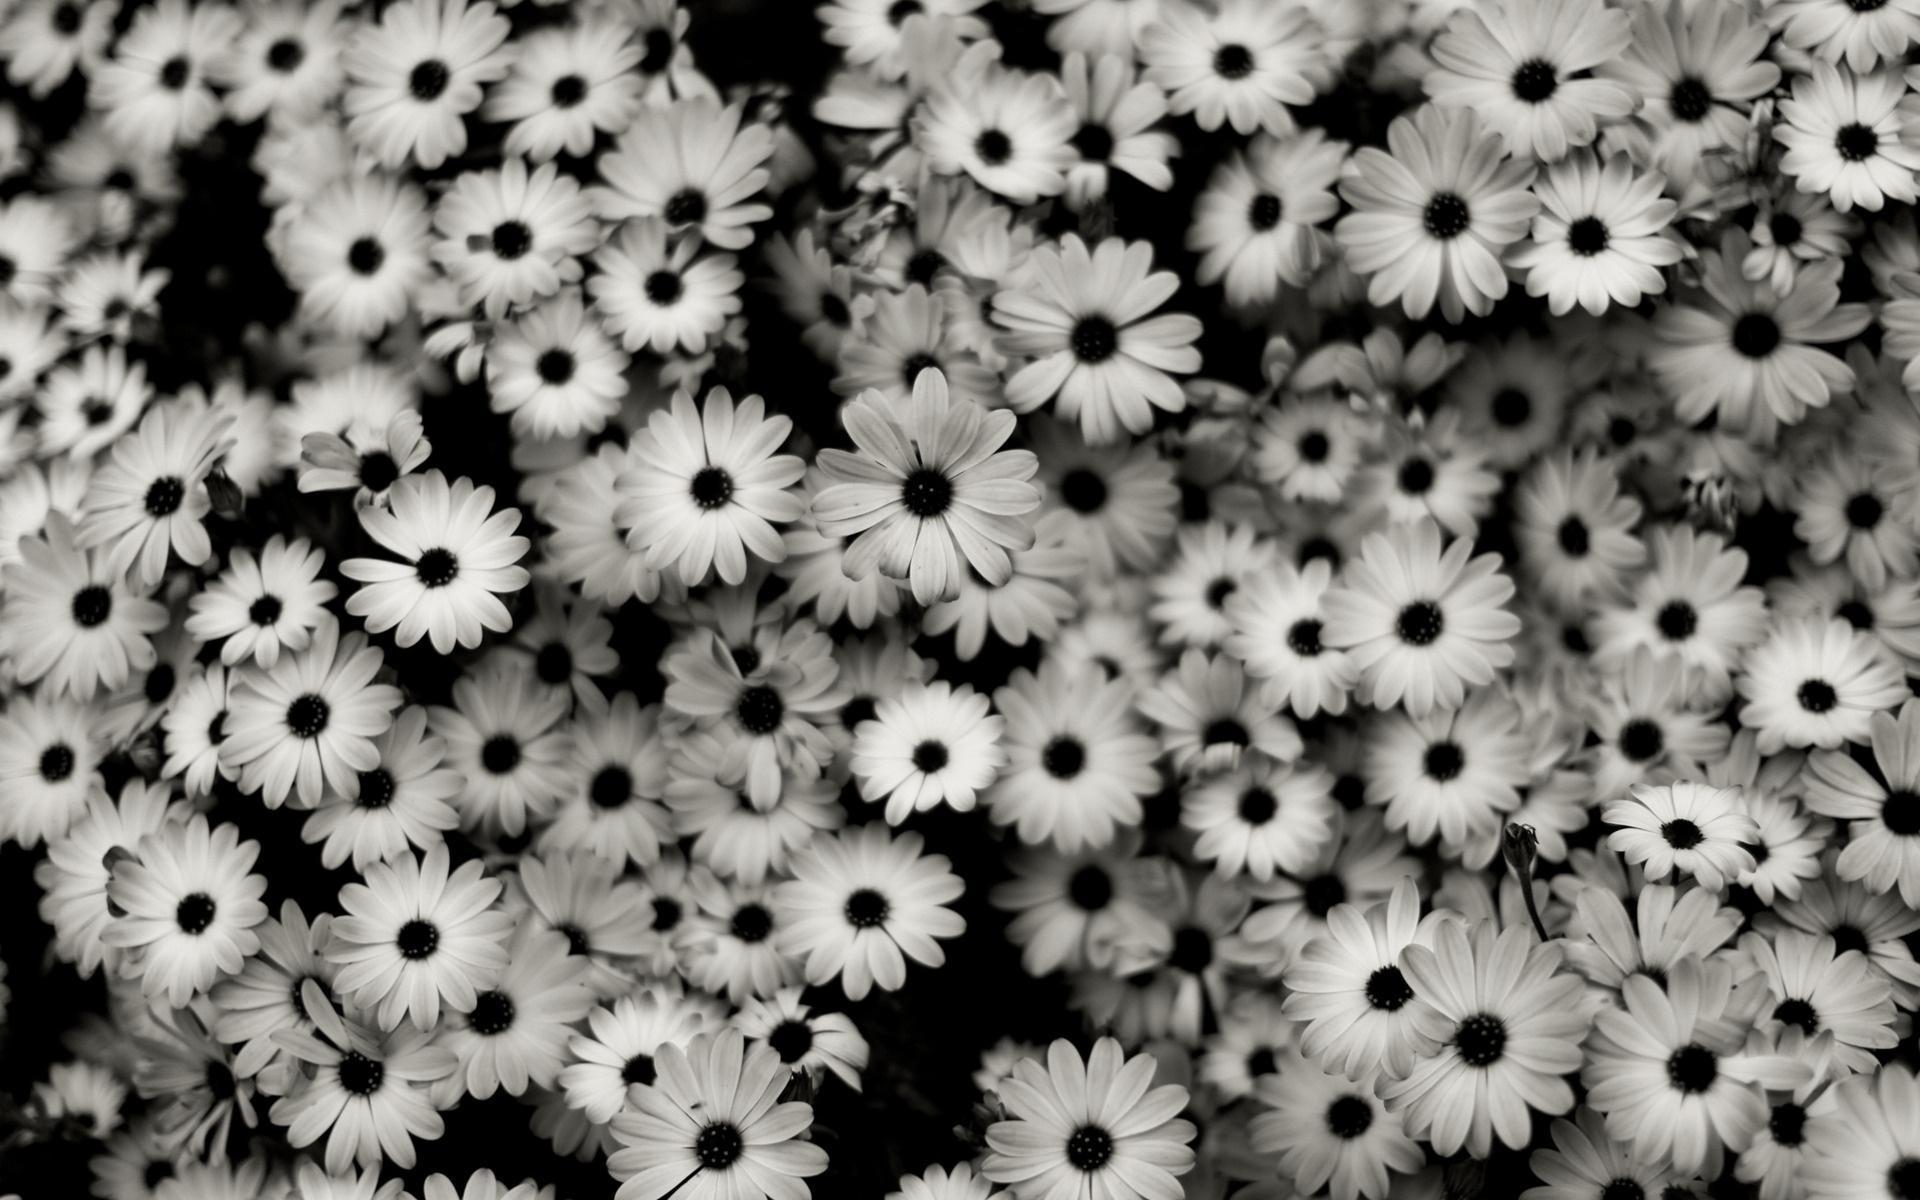 16249 скачать обои Растения, Цветы, Фон - заставки и картинки бесплатно